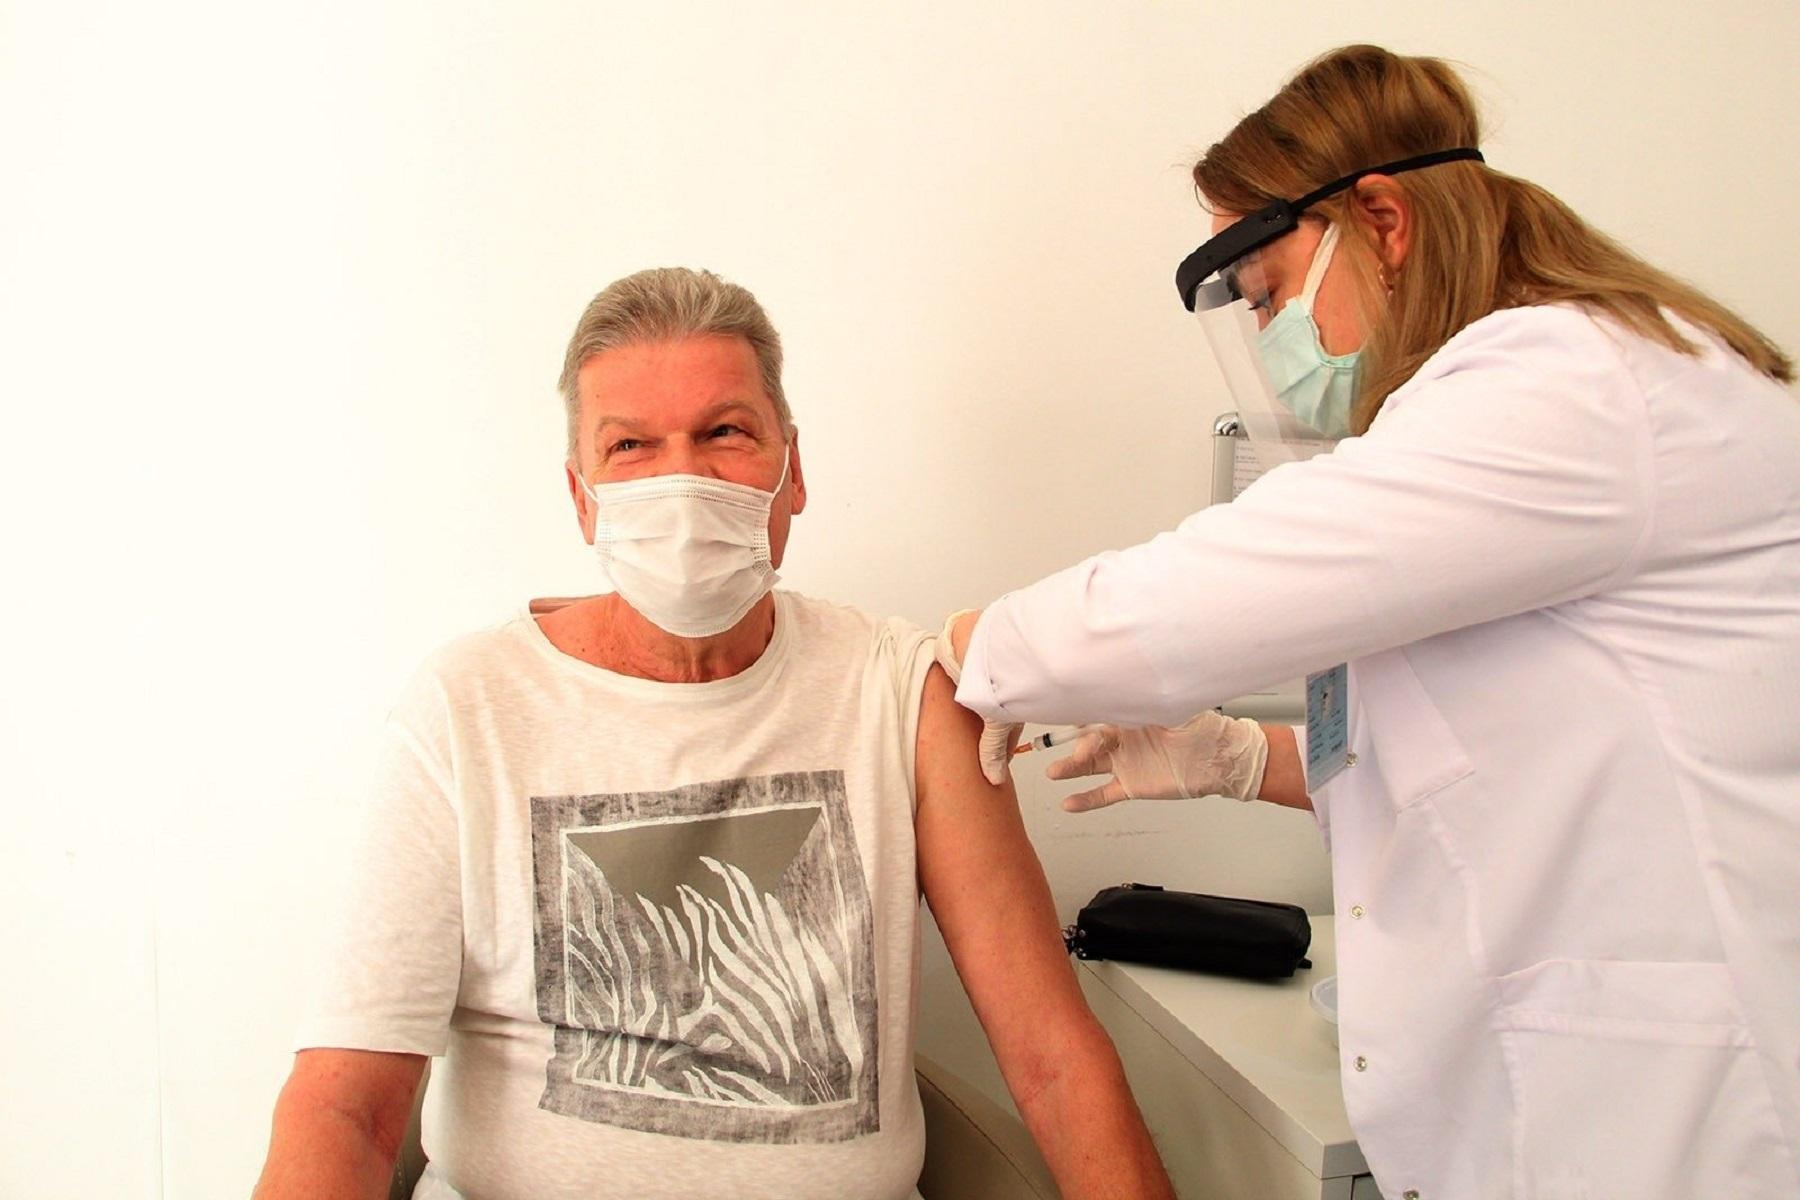 Παραλλαγή Δέλτα: Γιατί μερικοί πλήρως εμβολιασμένοι άνθρωποι πεθαίνουν από την COVID-19